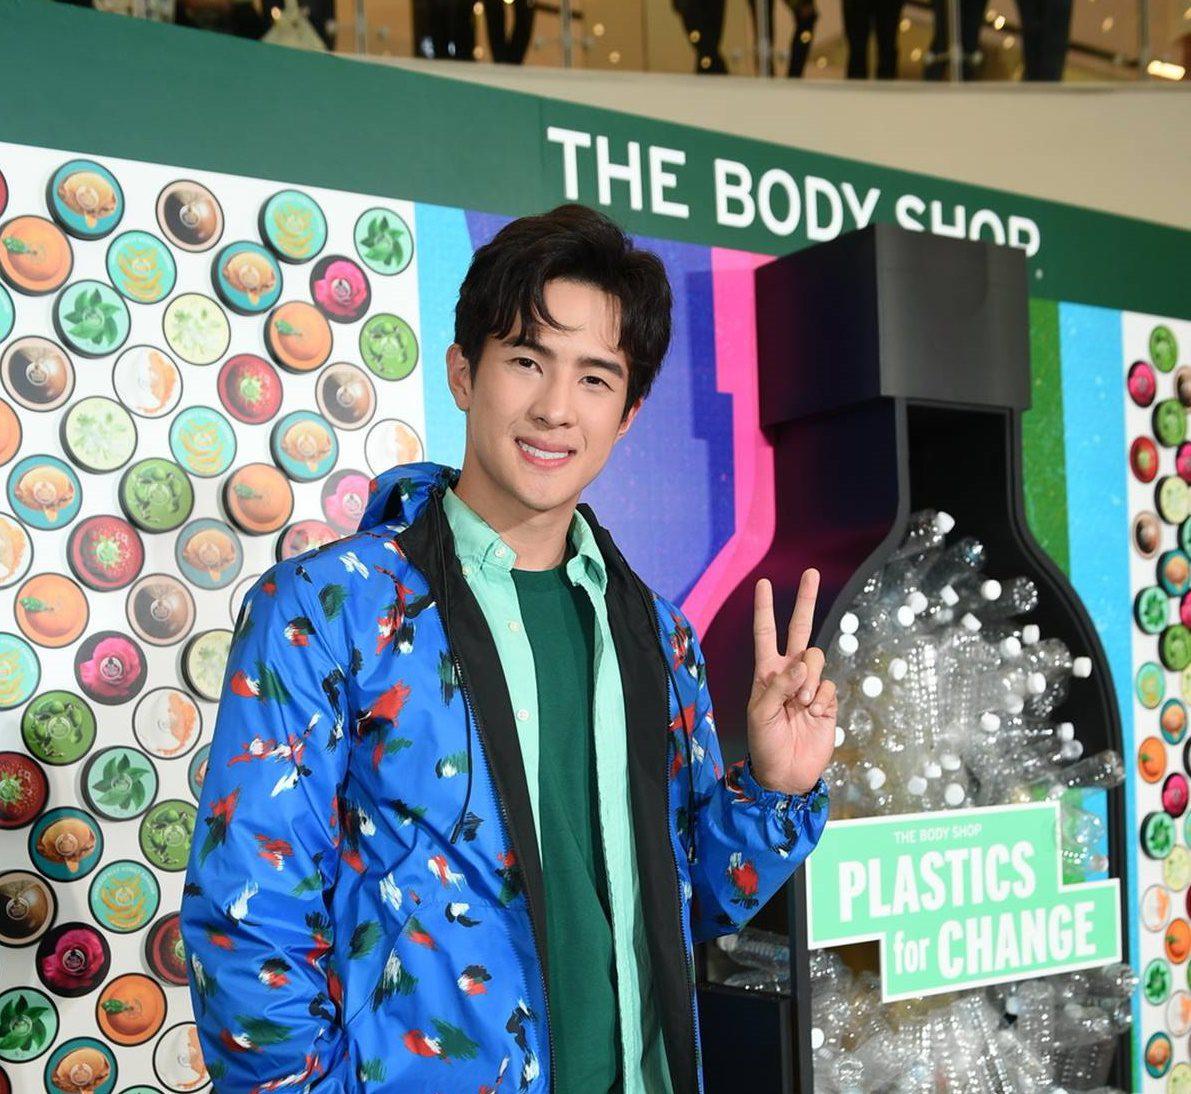 """เจมส์ มาร์ ชวนทุกคนร่วมเป็นส่วนหนึ่งของการดูแลโลกใบนี้ในงาน """"THE BODY SHOP PLASTICS FOR CHANGE"""""""